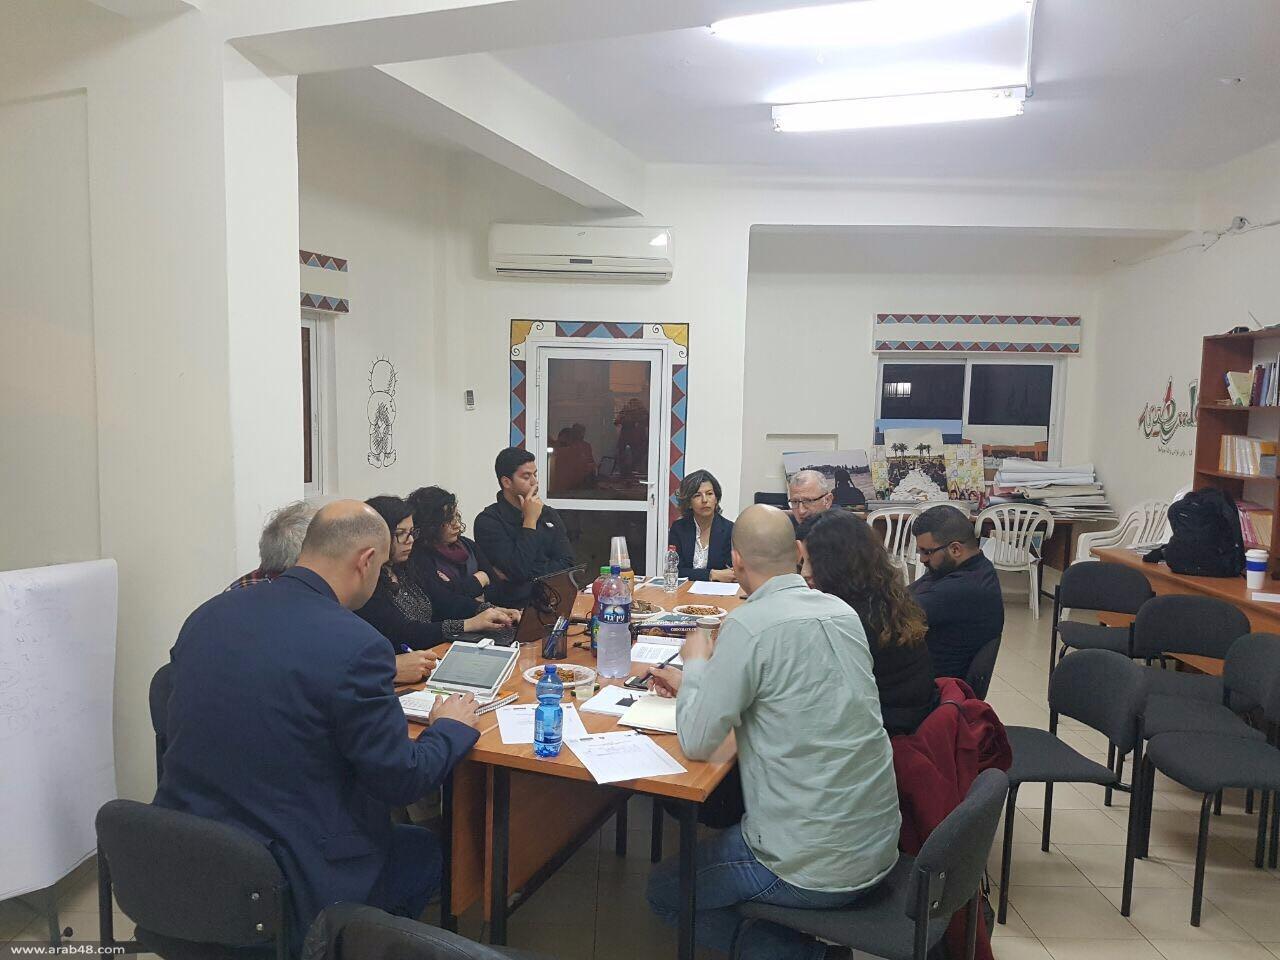 """إشراك الشباب في """"التفكير الإستراتيجي"""" بندوة لمركز إعلام"""